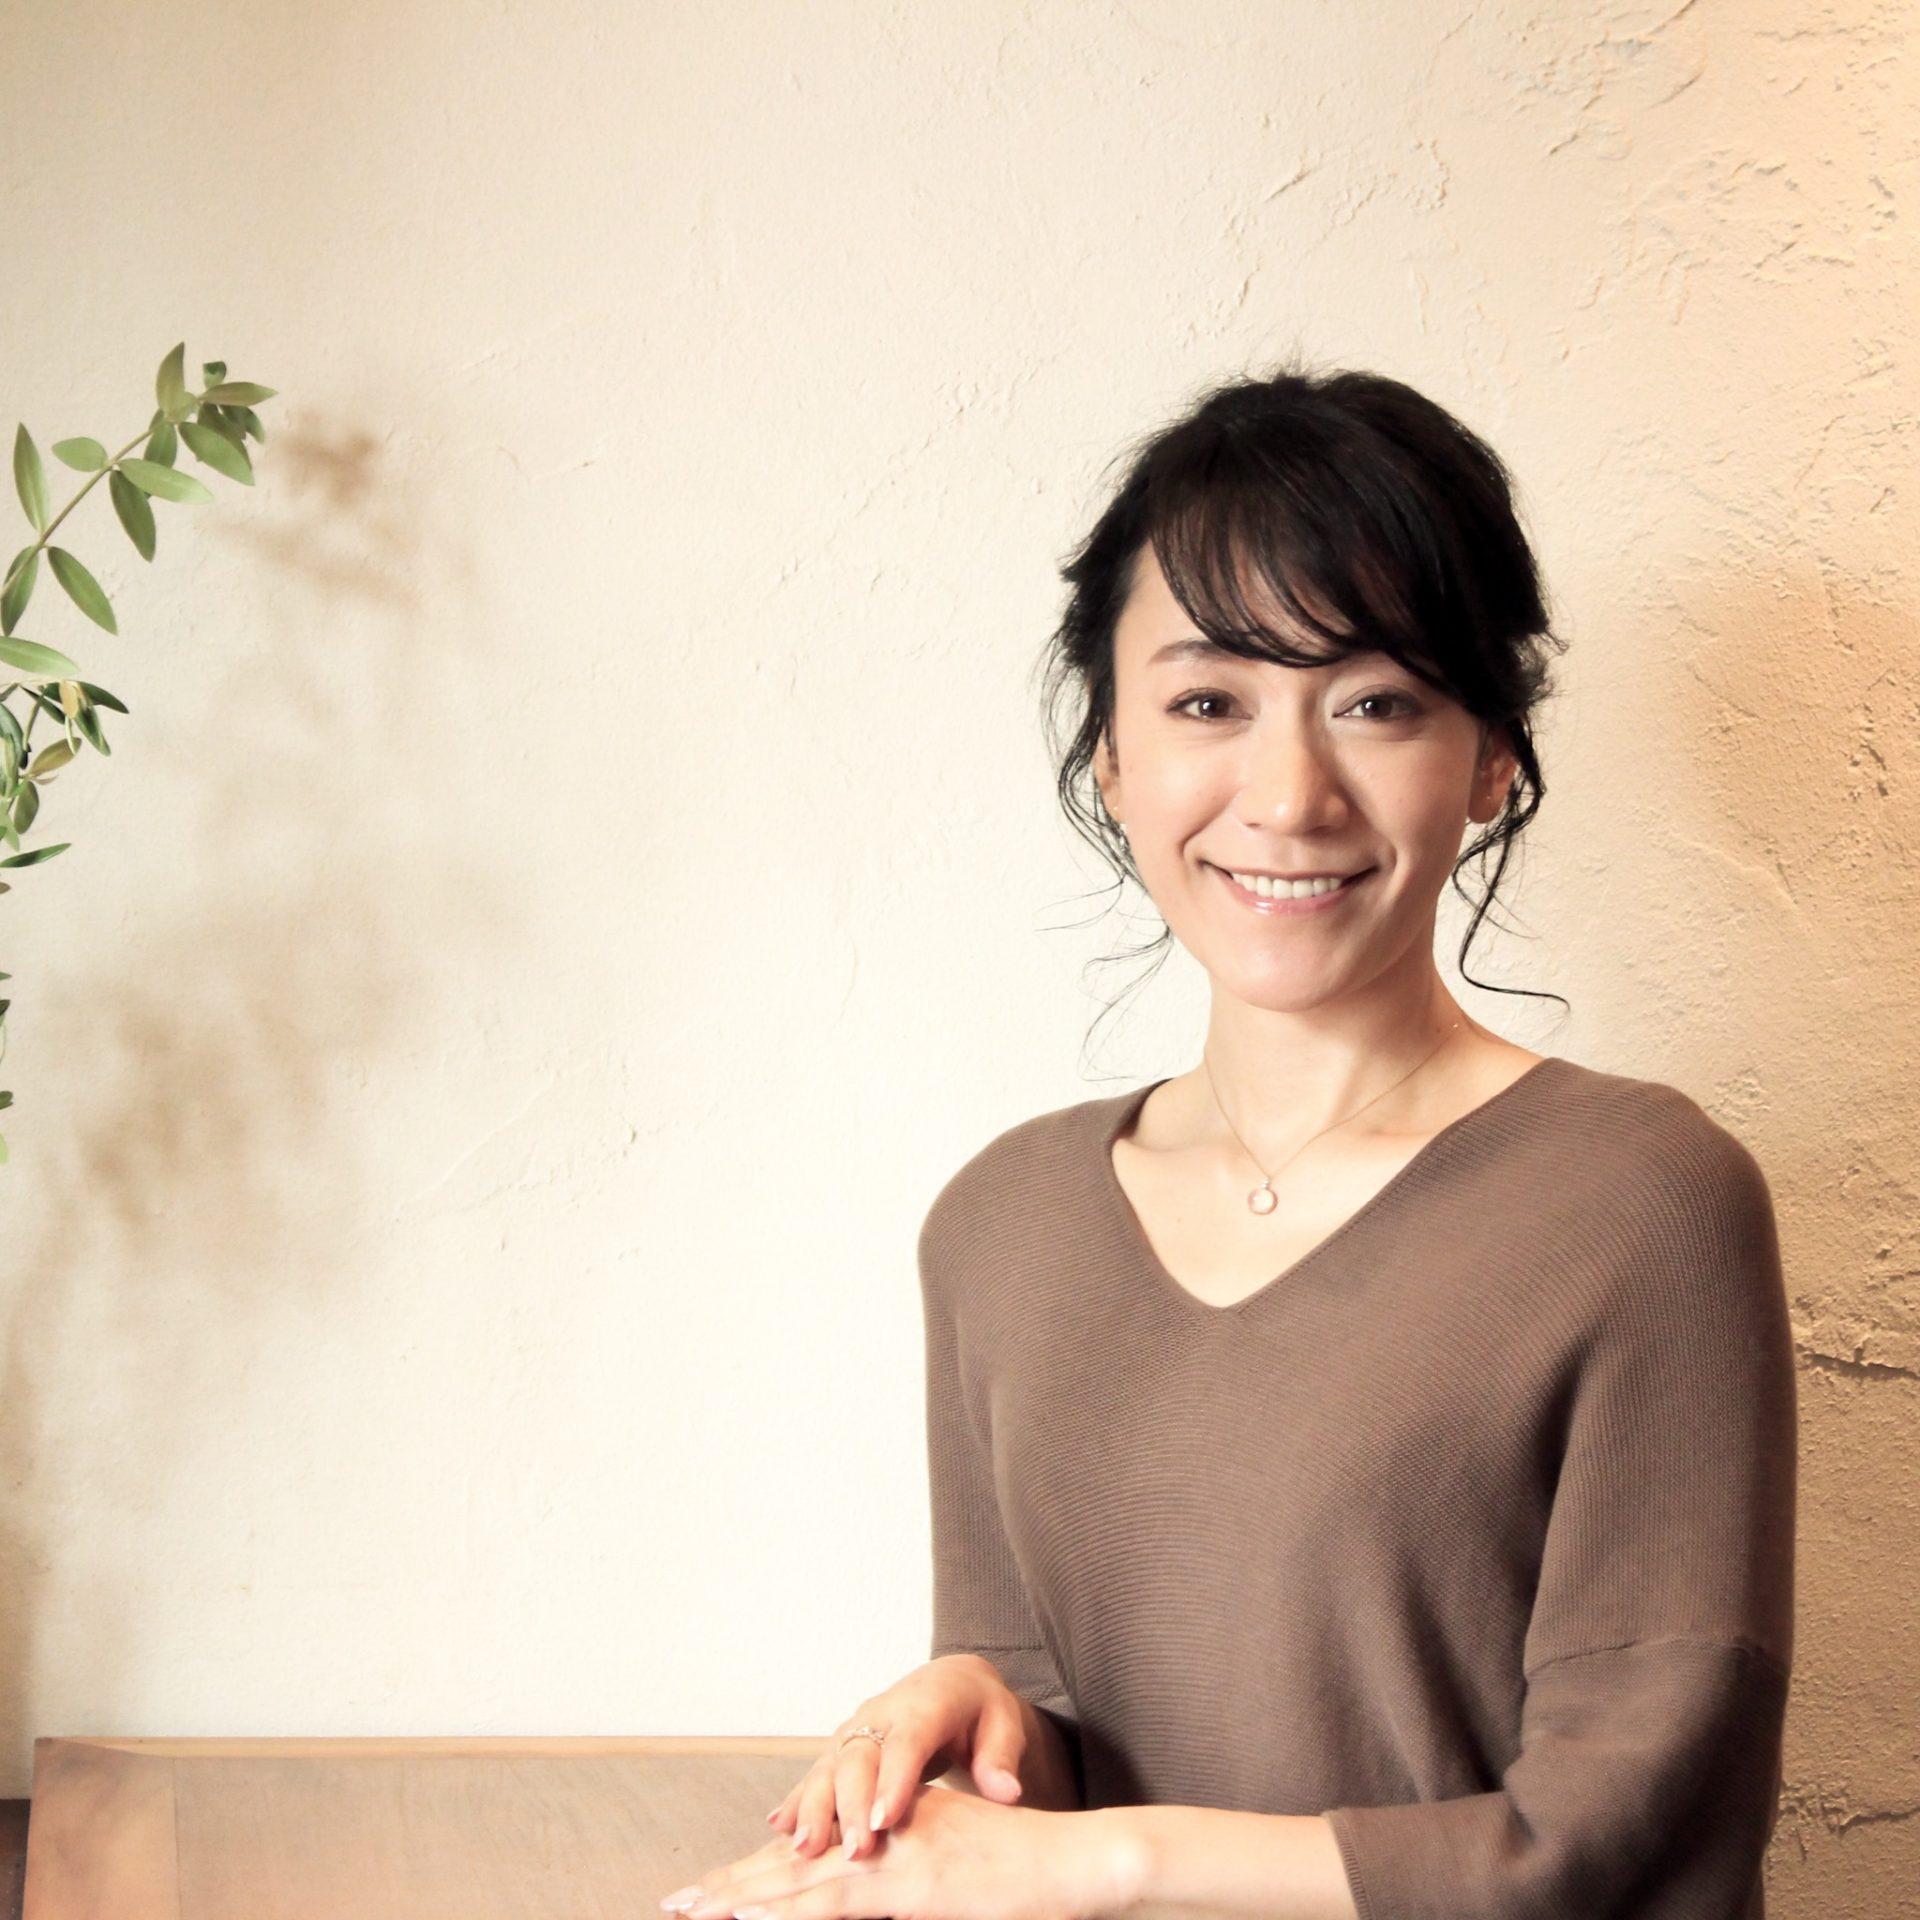 代表取締役 ジュエリーデザイナー 小幡星子 Shoko obata